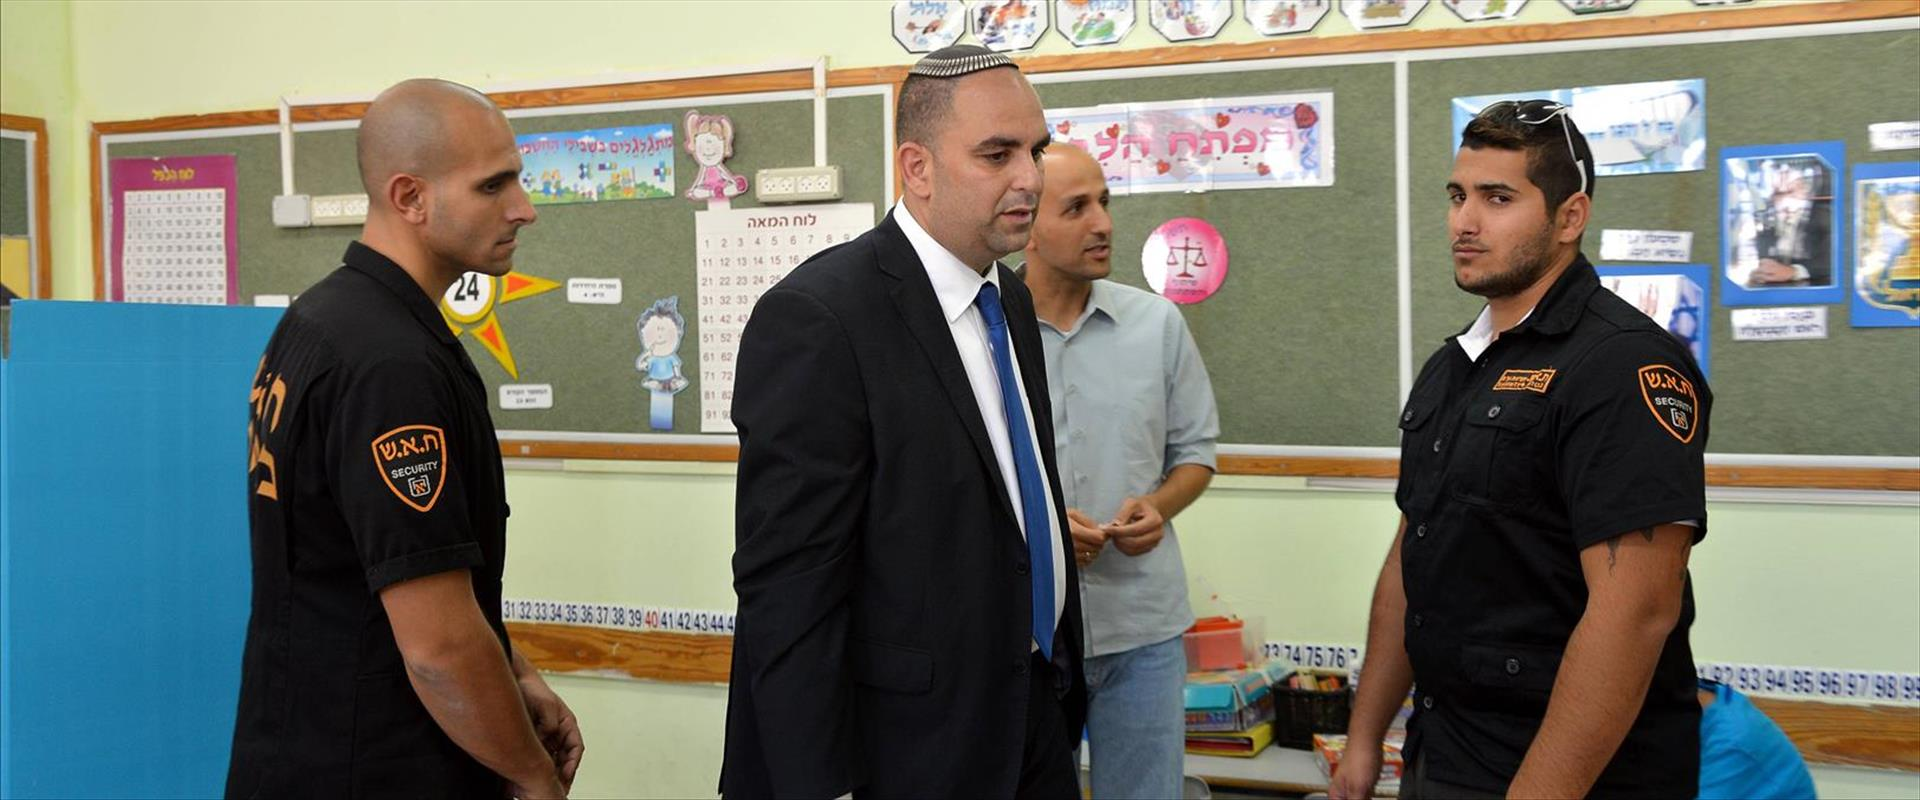 ראש עיריית לוד יאיר רביבו, ארכיון